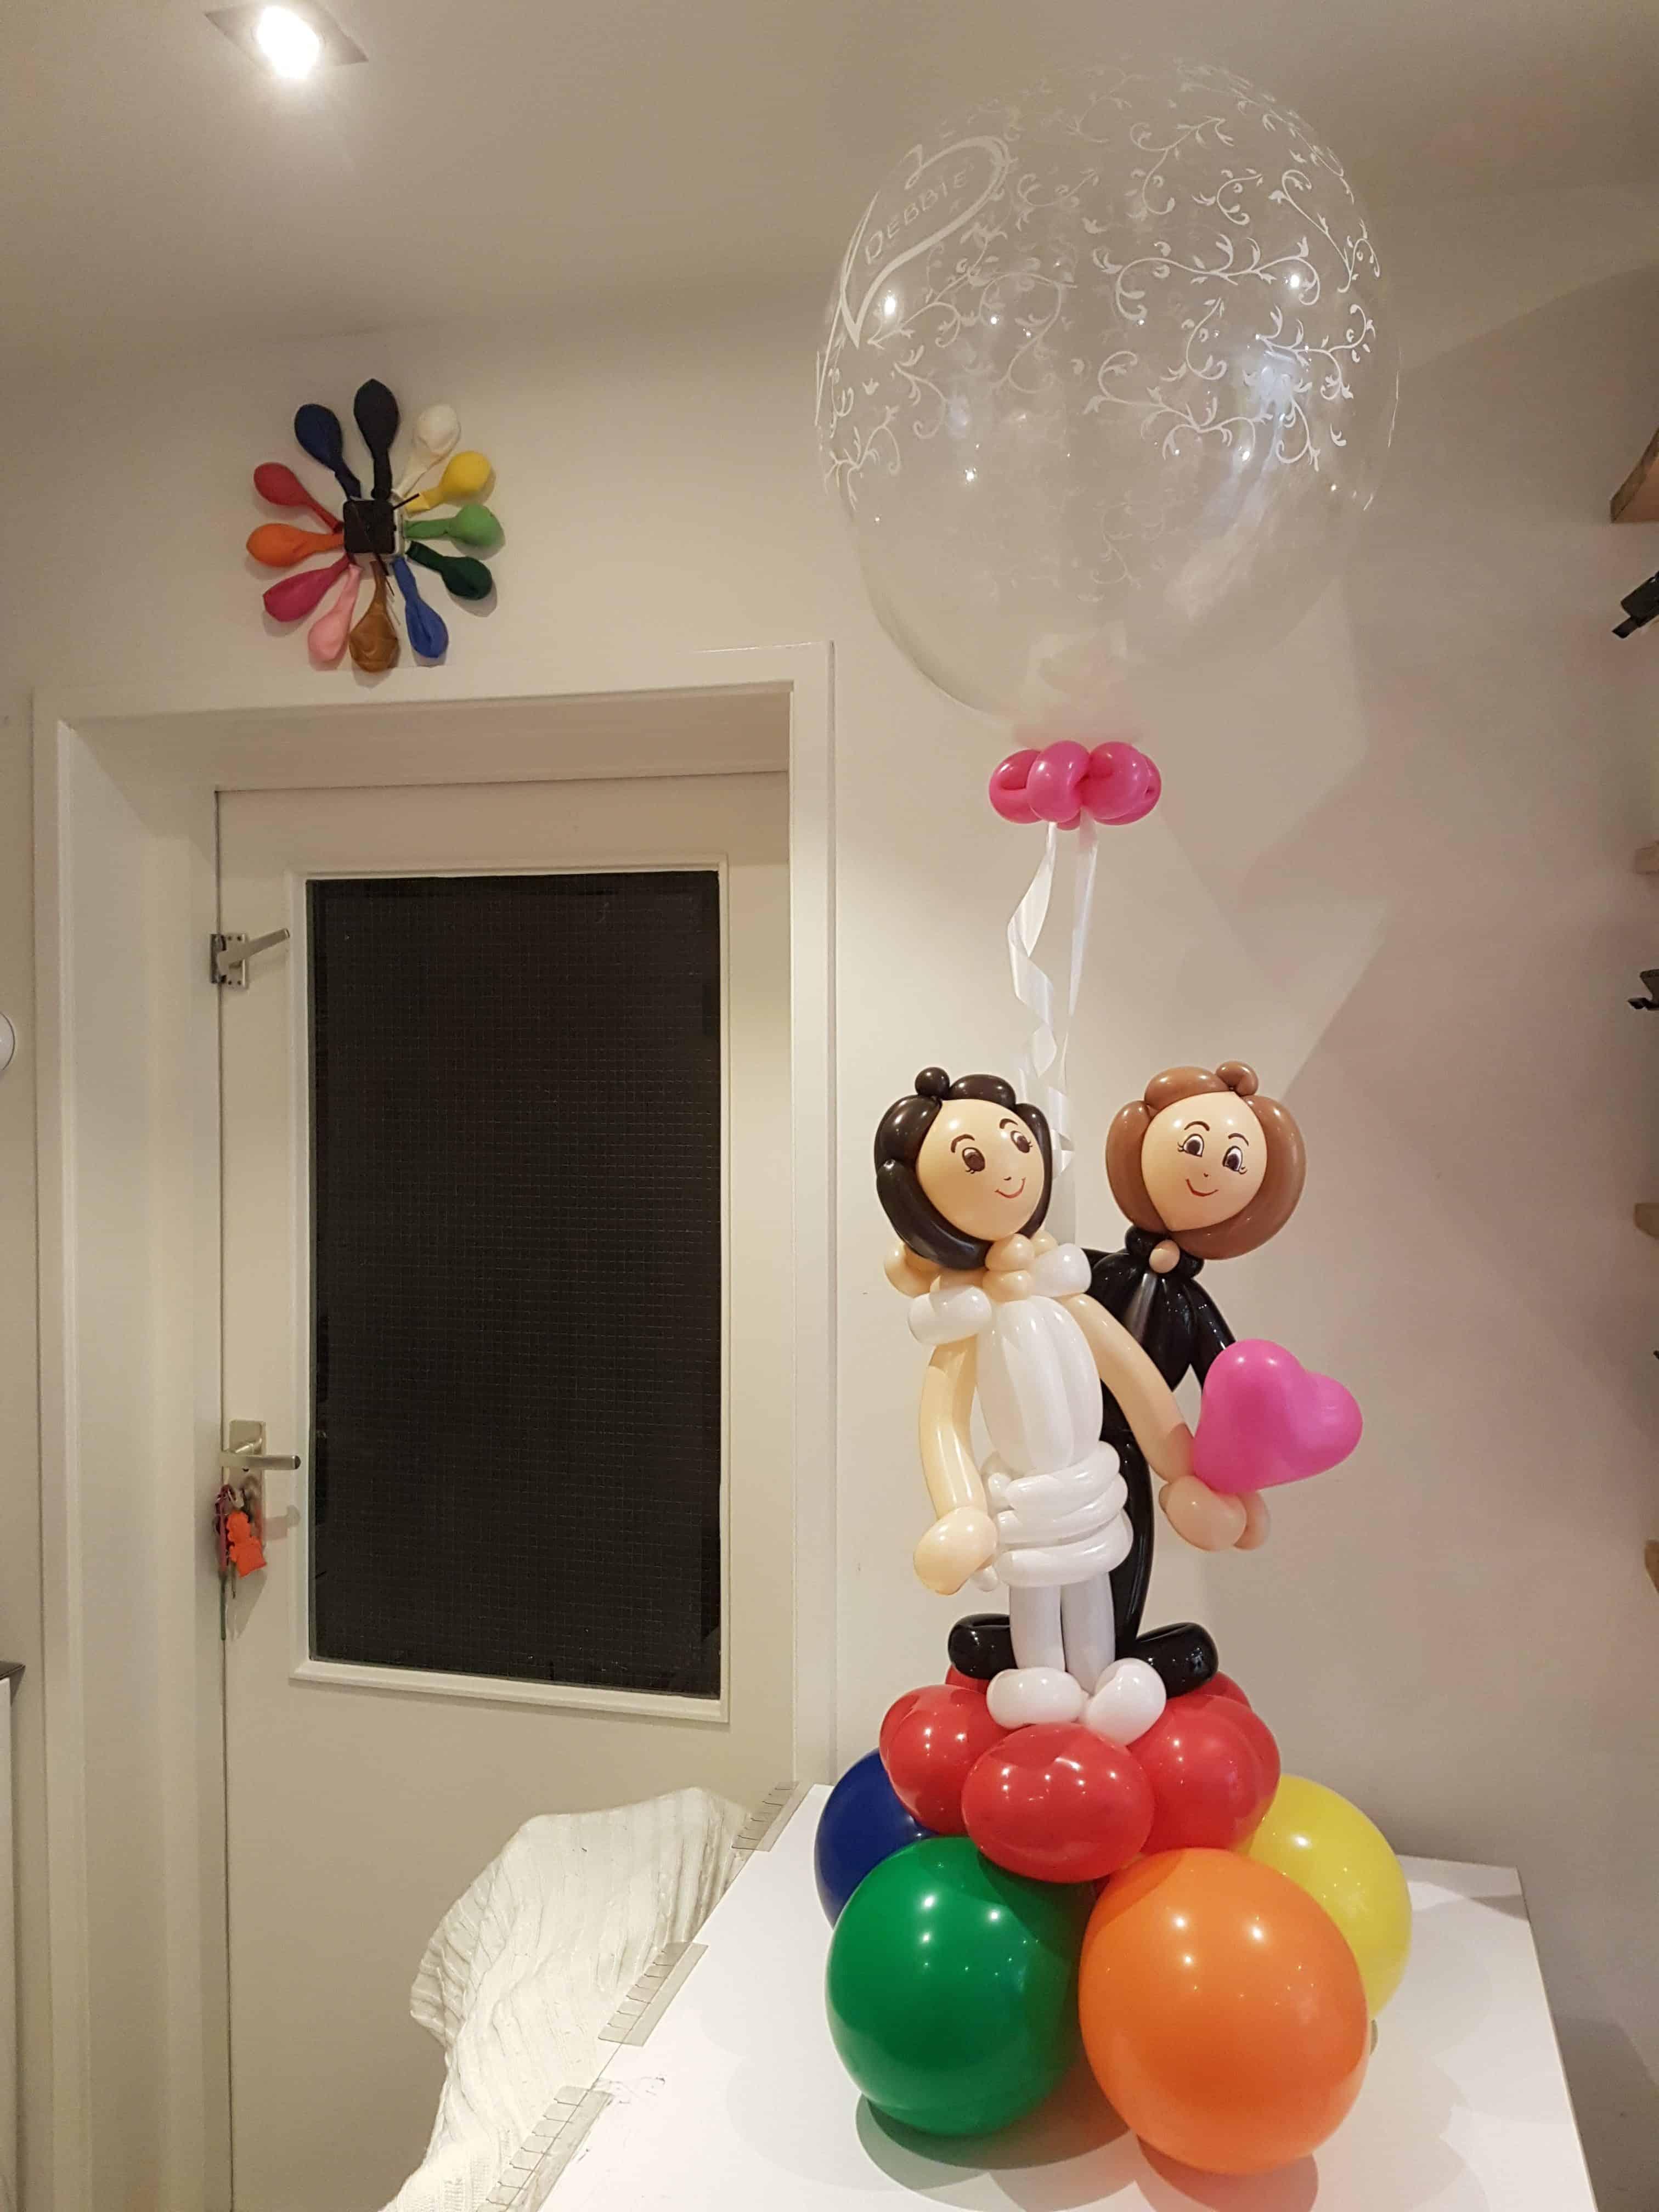 bruidspaar-nagemaakt-foto-ballonnen-tafeldecoratie